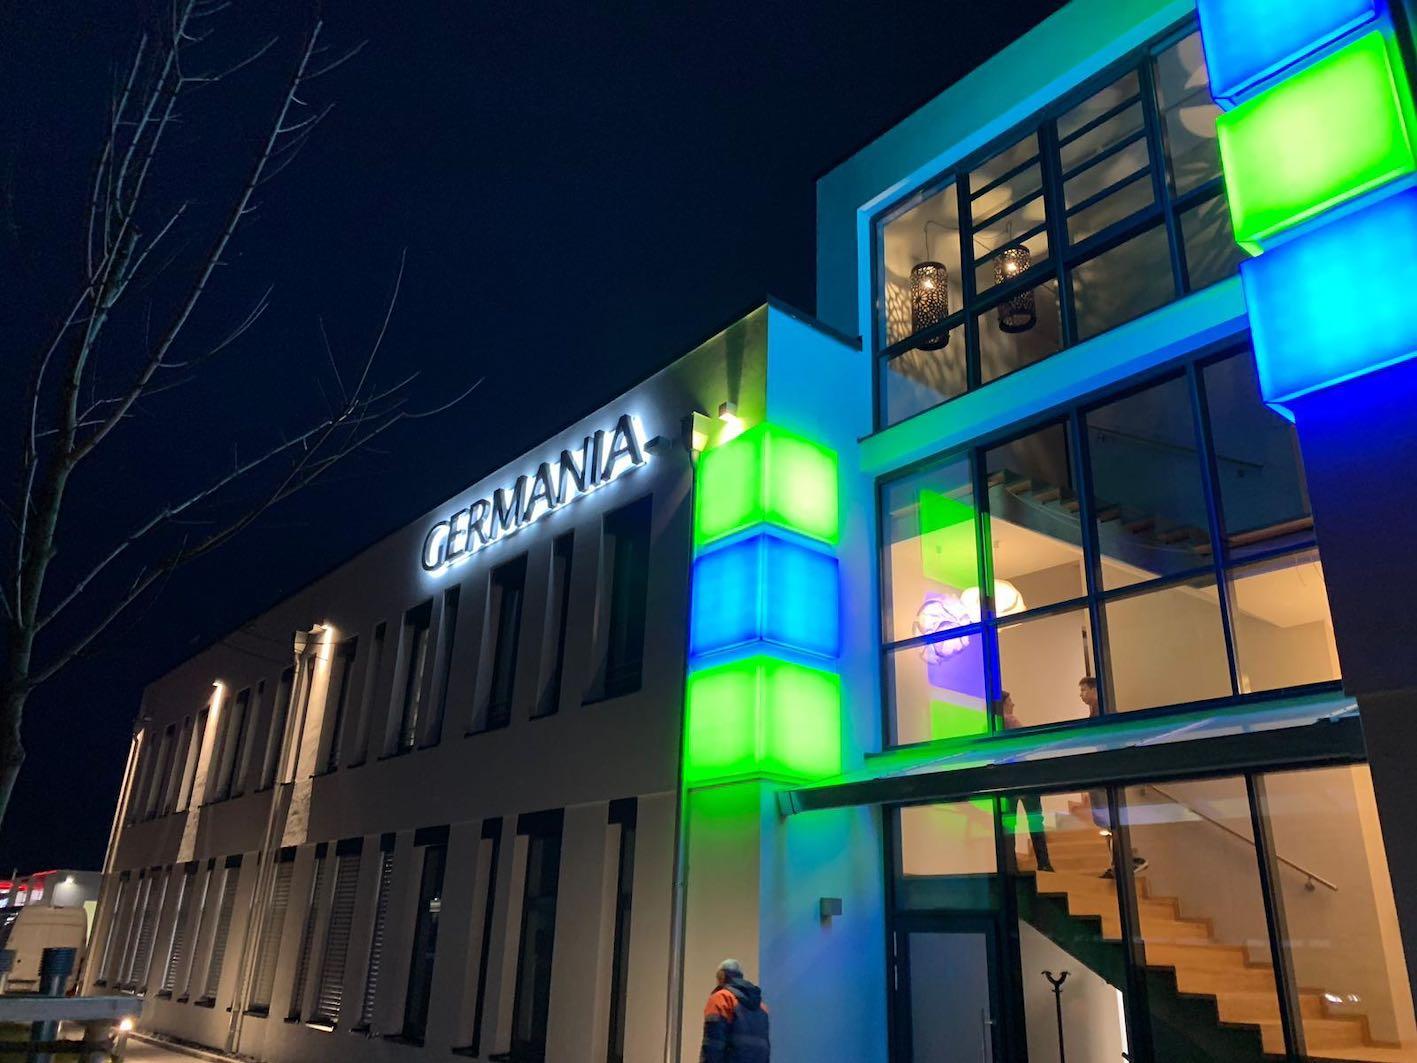 Leuchtreklame Steuerberater mit LED Würfel